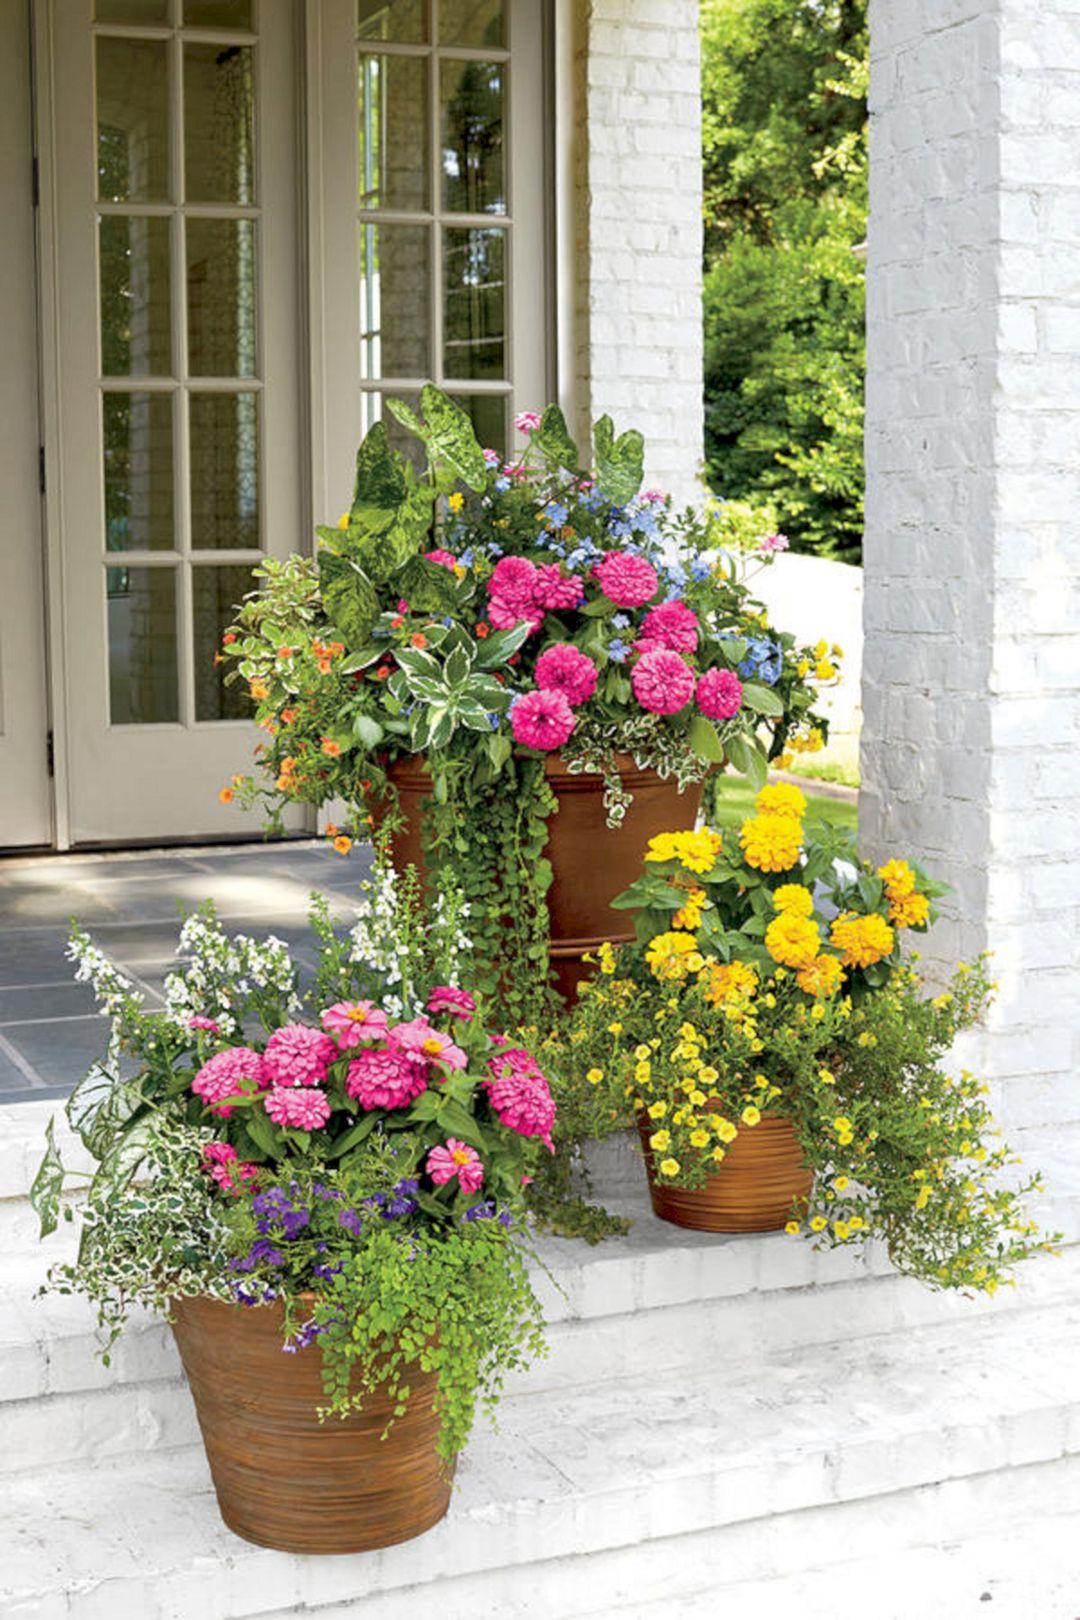 Best ideas about Front Porch Planter Ideas . Save or Pin Front Porch Flower Planter Ideas 43 Front Porch Flower Now.